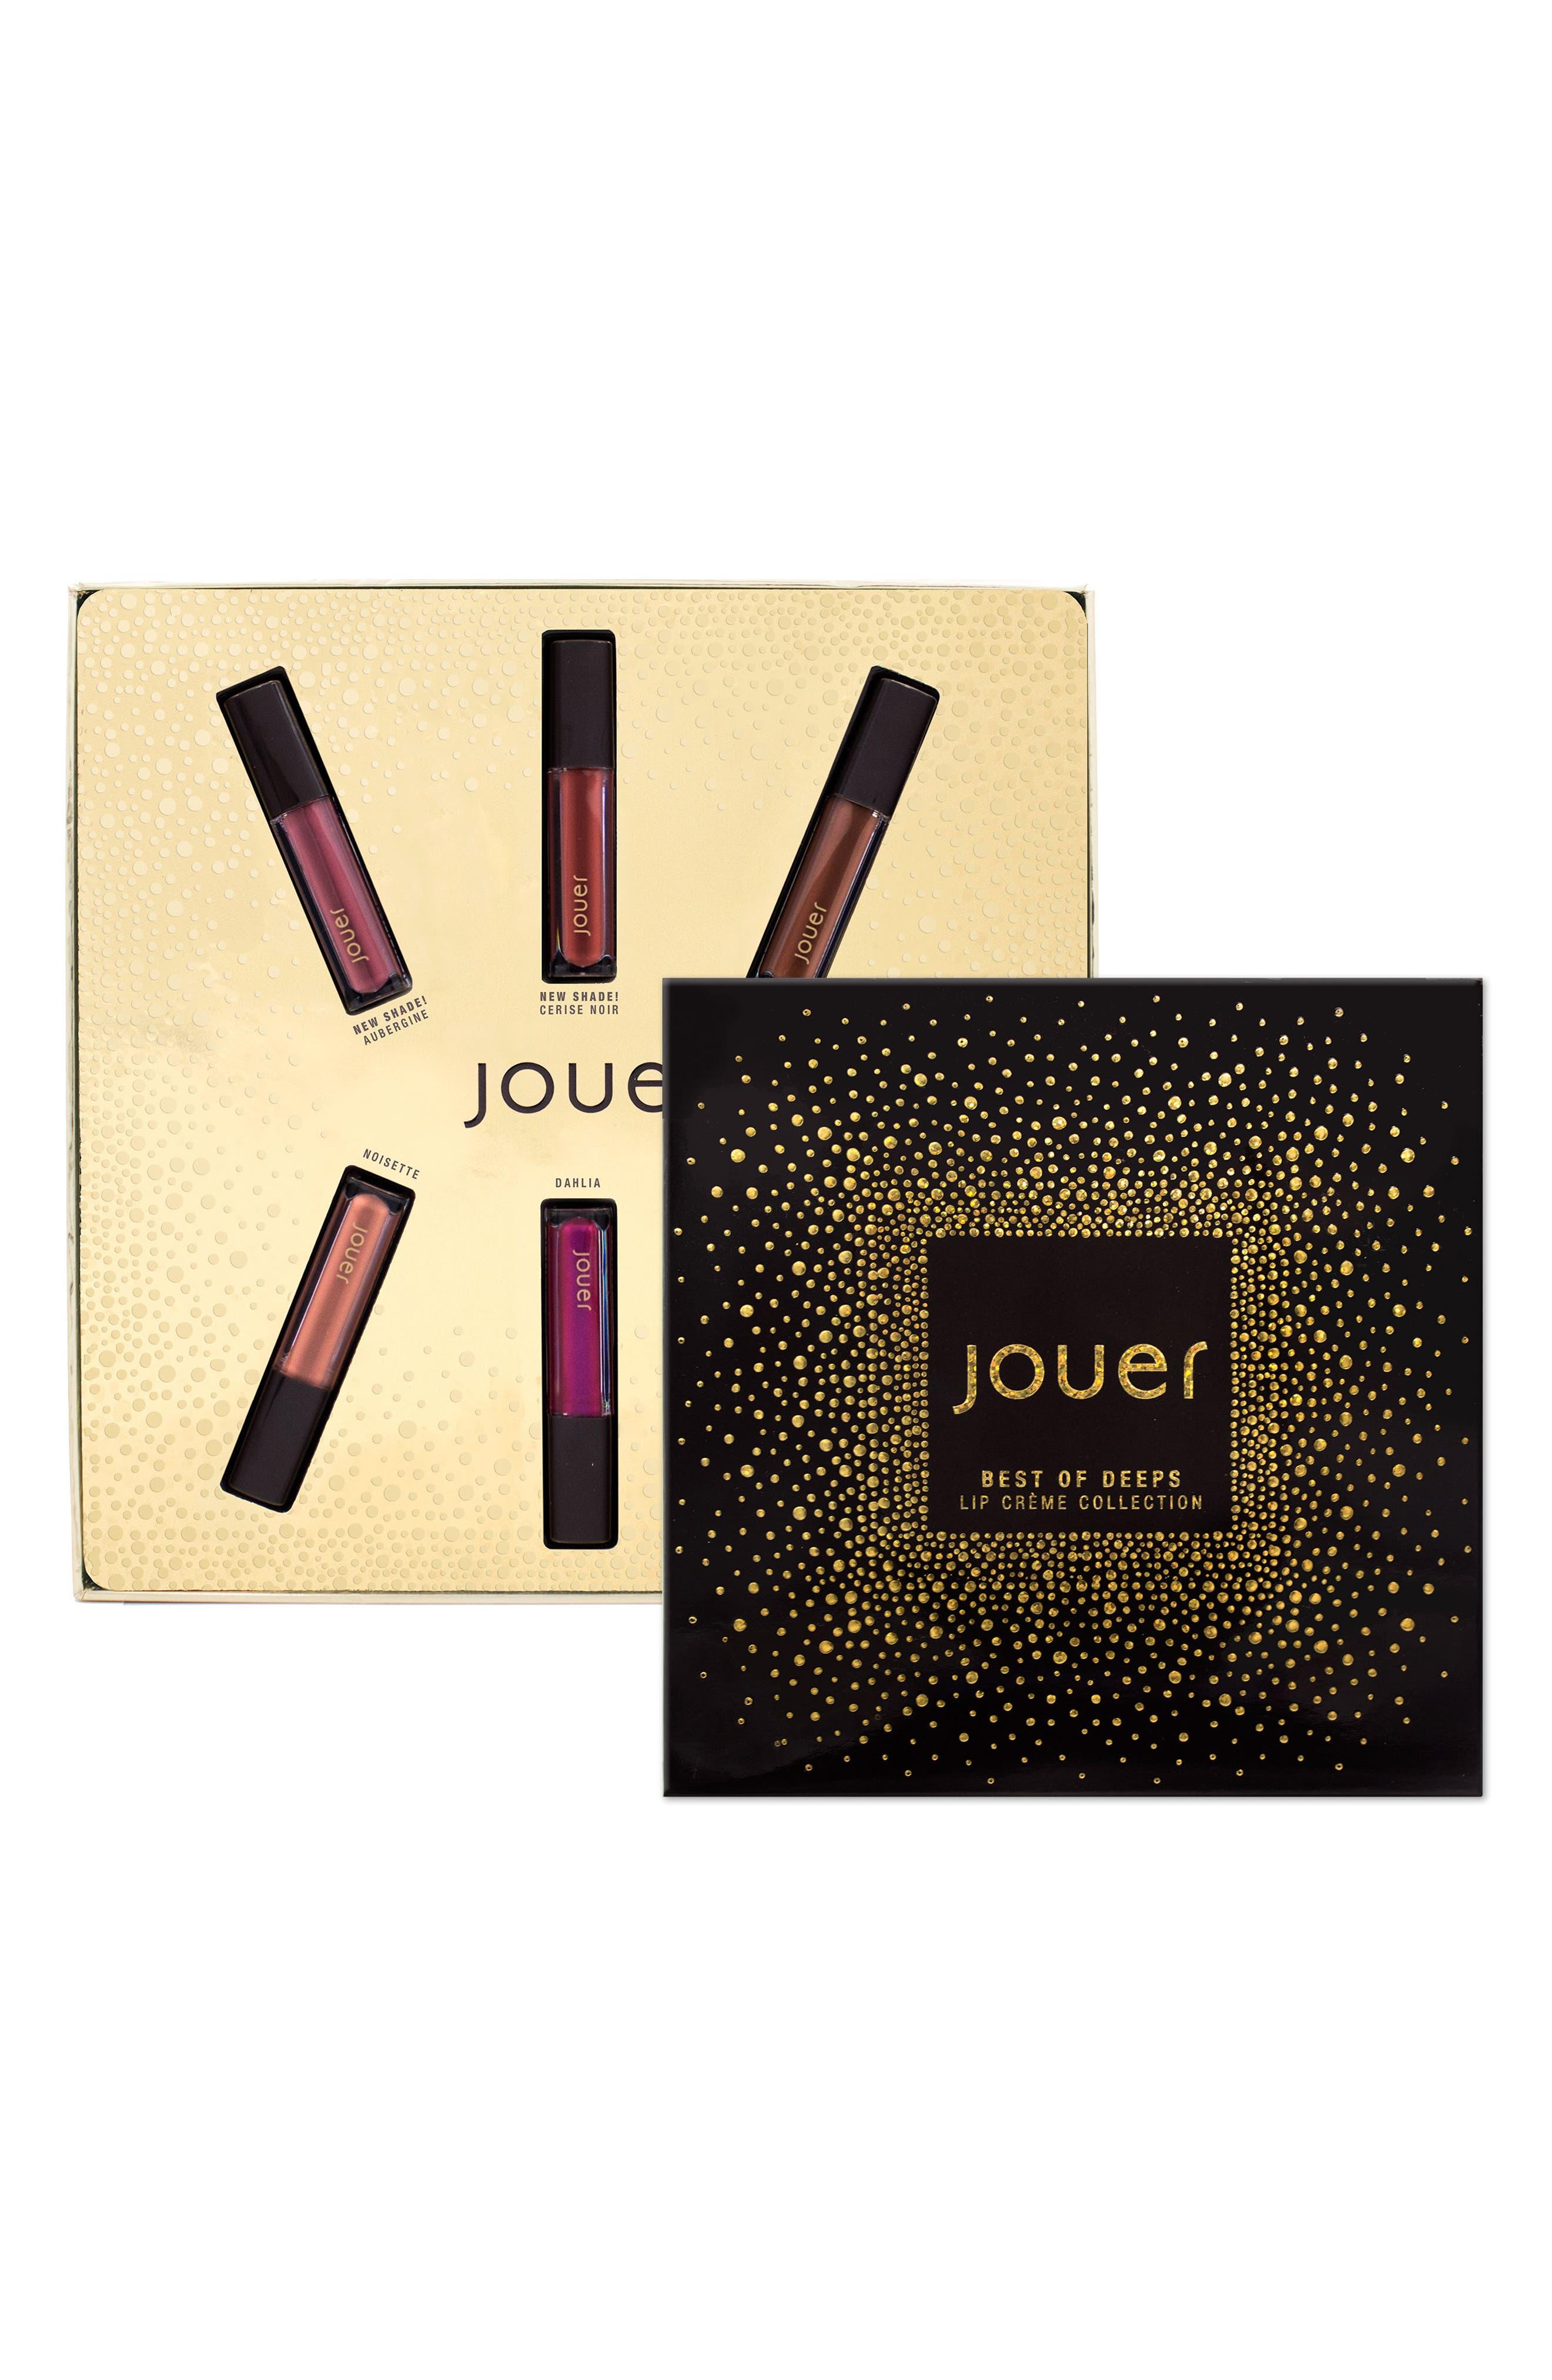 Alternate Image 1 Selected - Jouer Best of Deeps Mini Long-Wear Lip Crème Liquid Lipstick Collection ($32 Value)